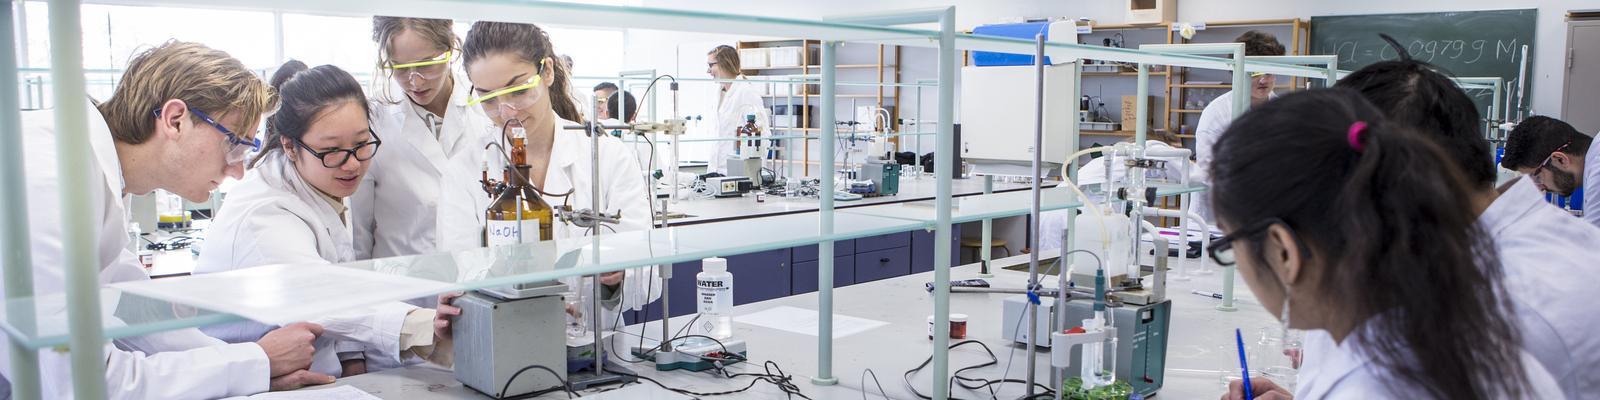 Bio-inspired Innovation (3 maart 2020)